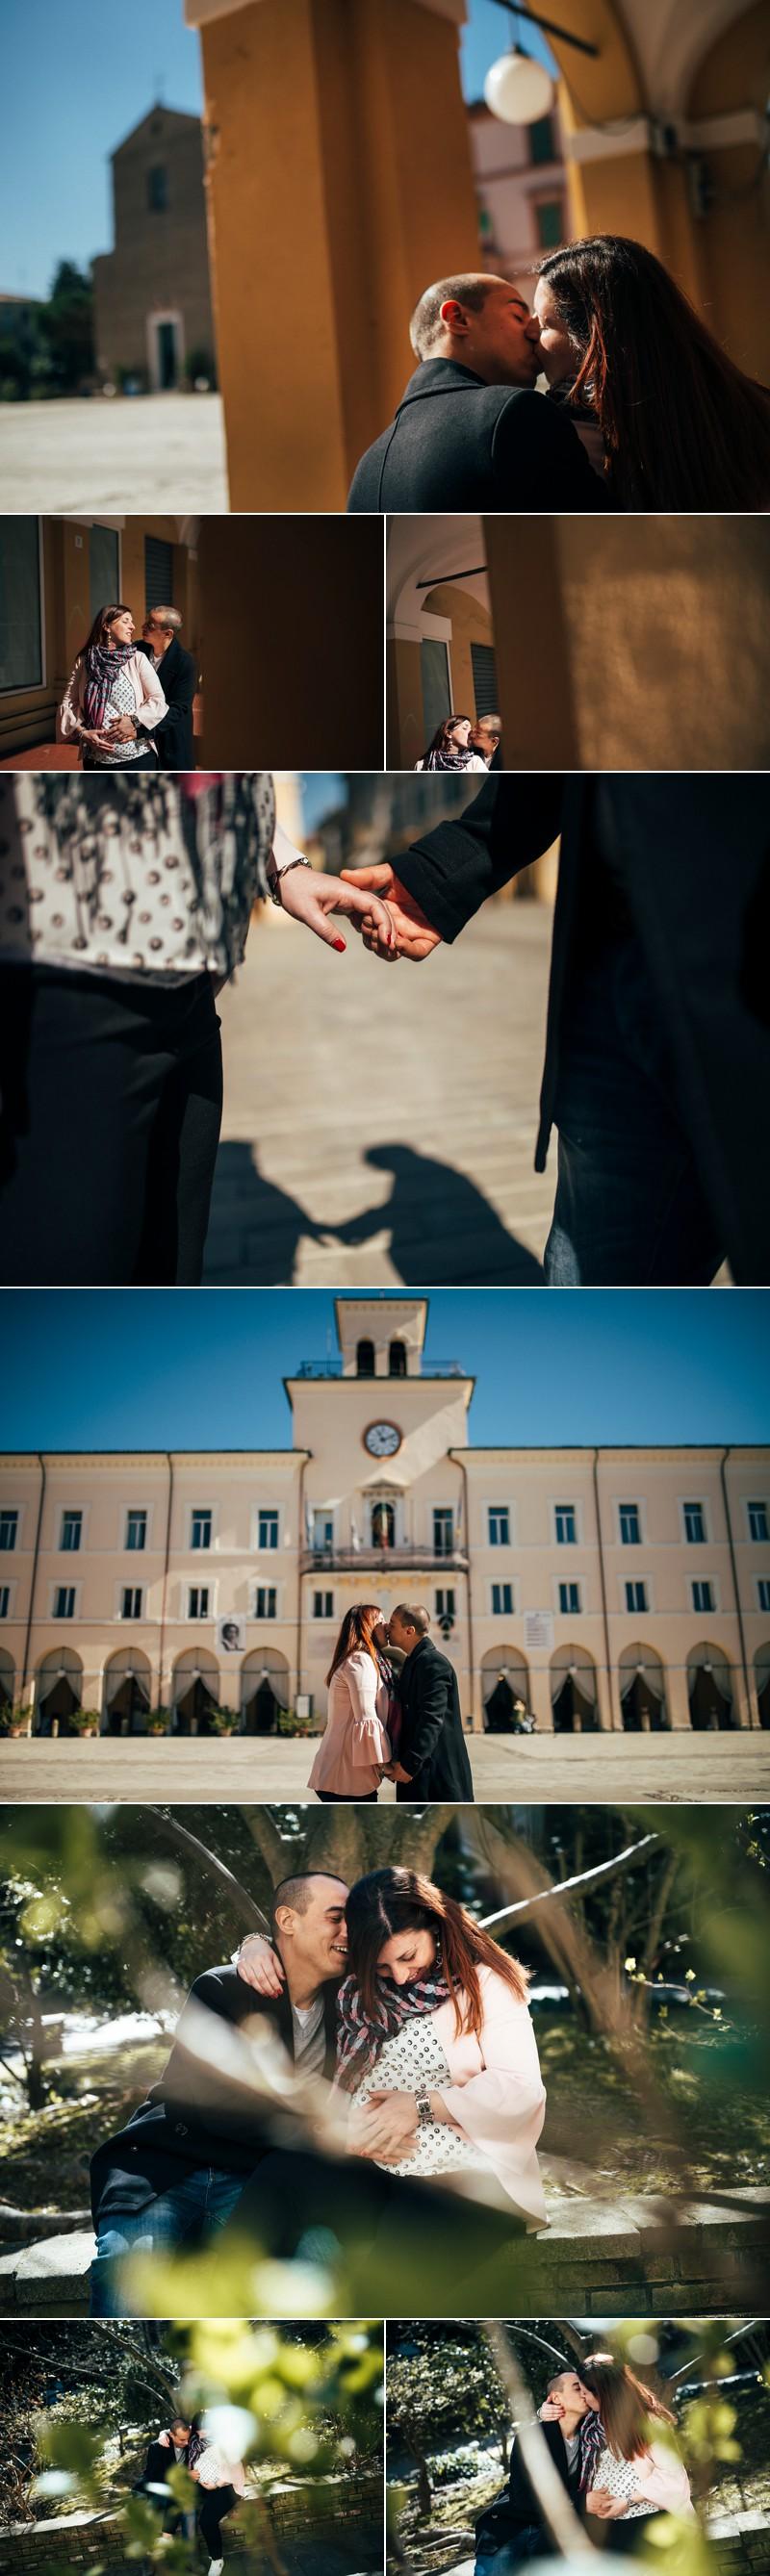 Servizio fotografico maternity gravidanza forlì cesena ravenna 4